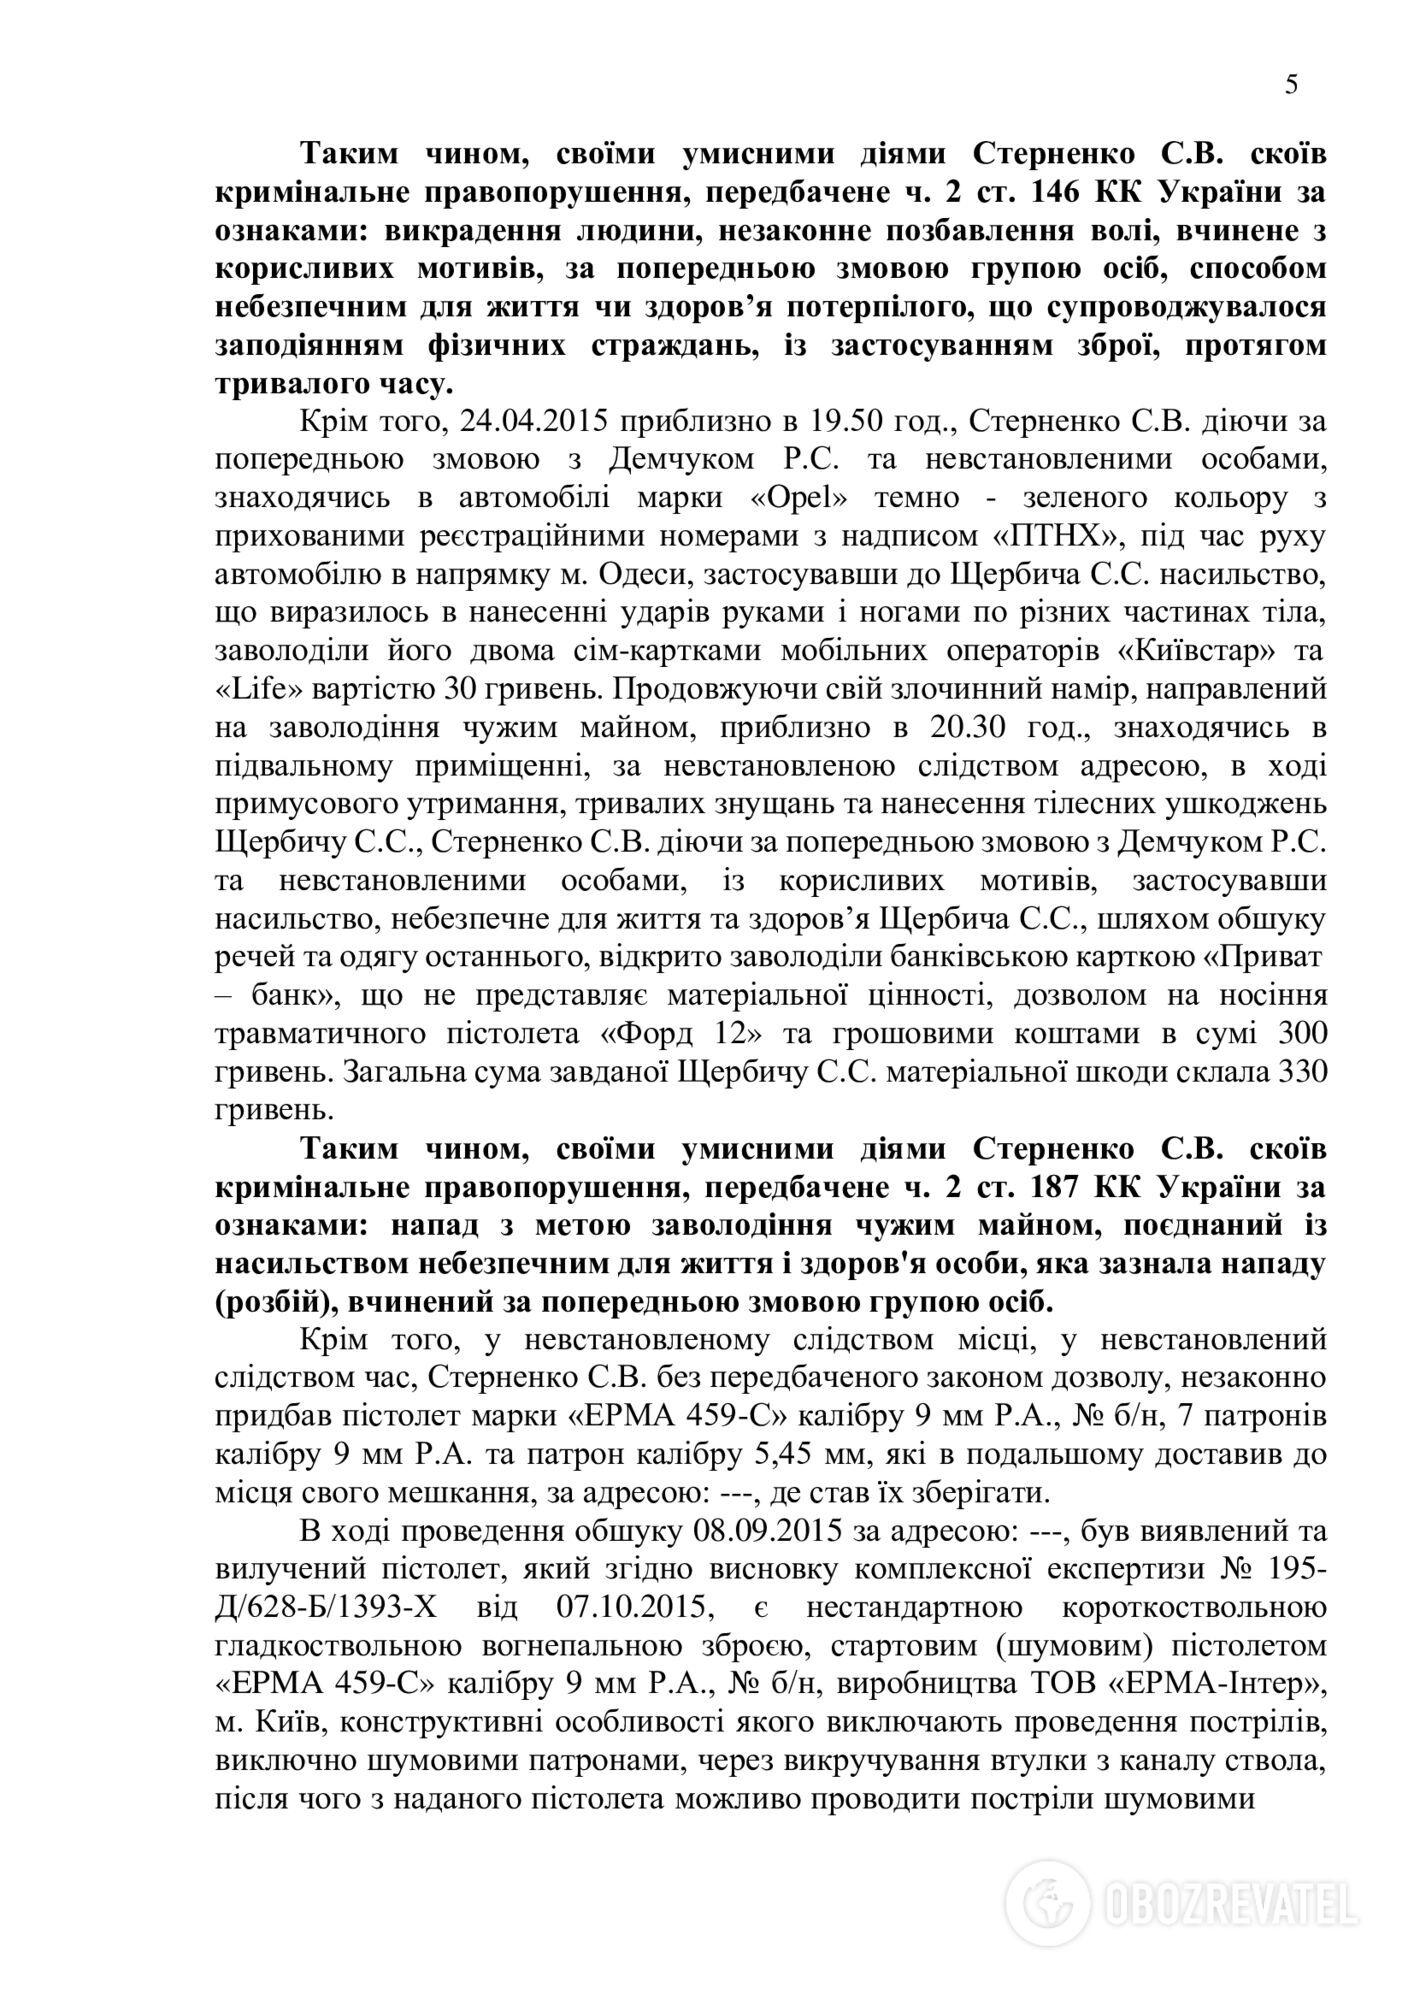 Обвинительный акт в деле Стерненко